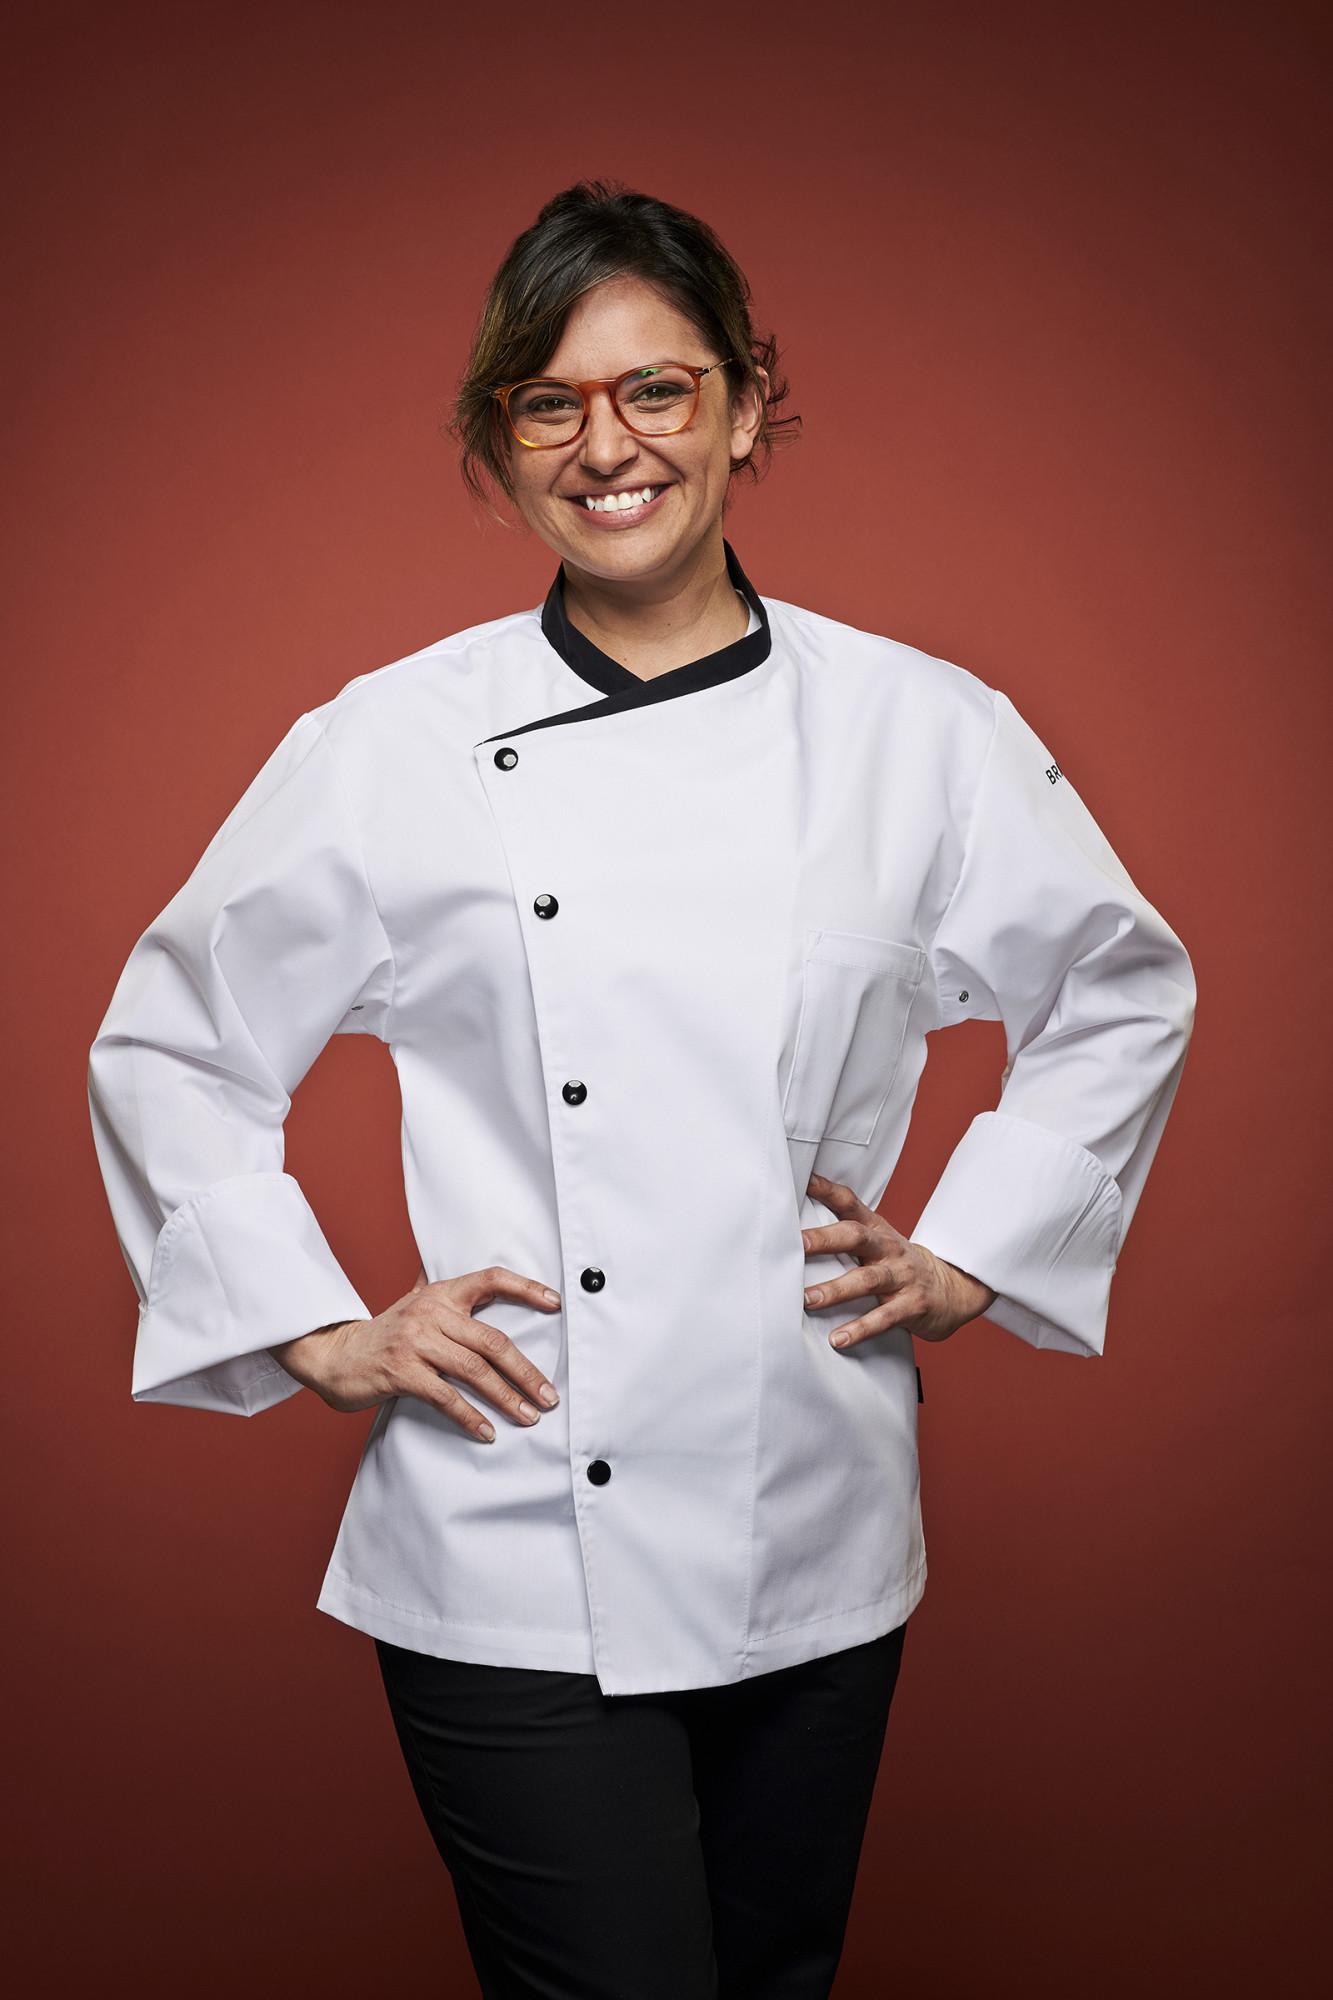 Kori Sutton Hells Kitchen Wiki Fandom